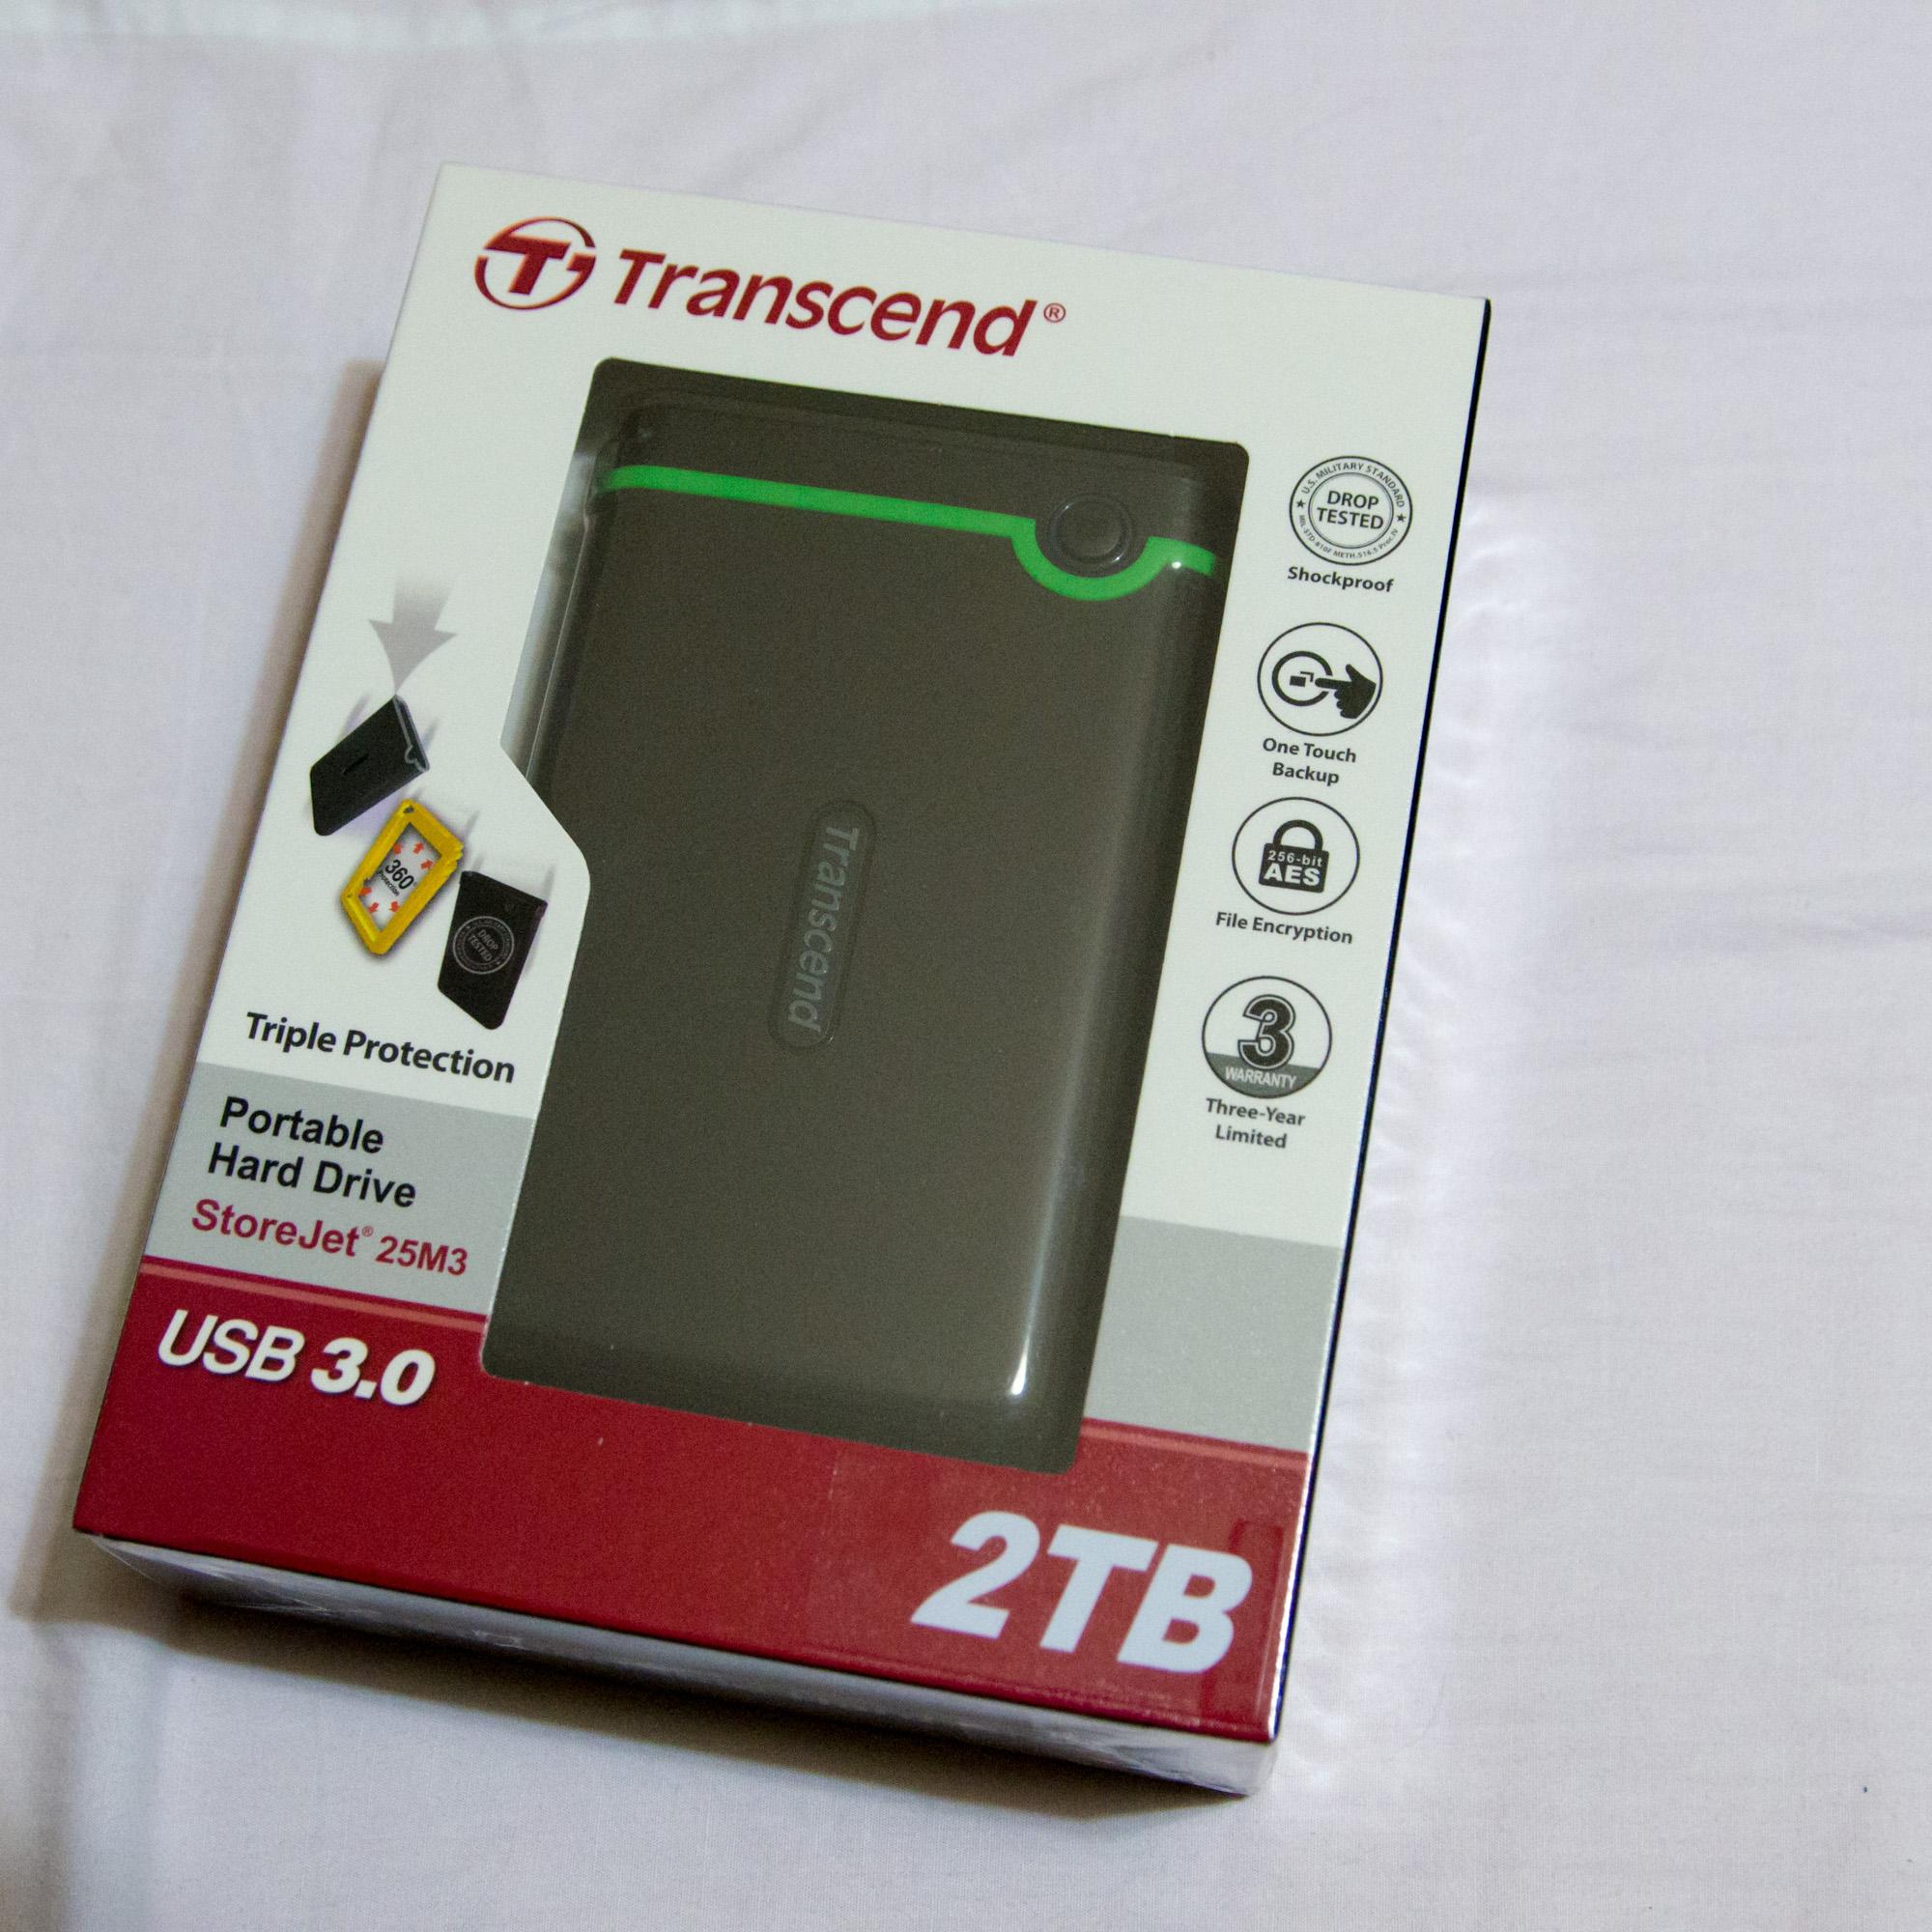 Transcend Store Jetのパーティションを分けてTimeMachineとデータディスクを両立させる